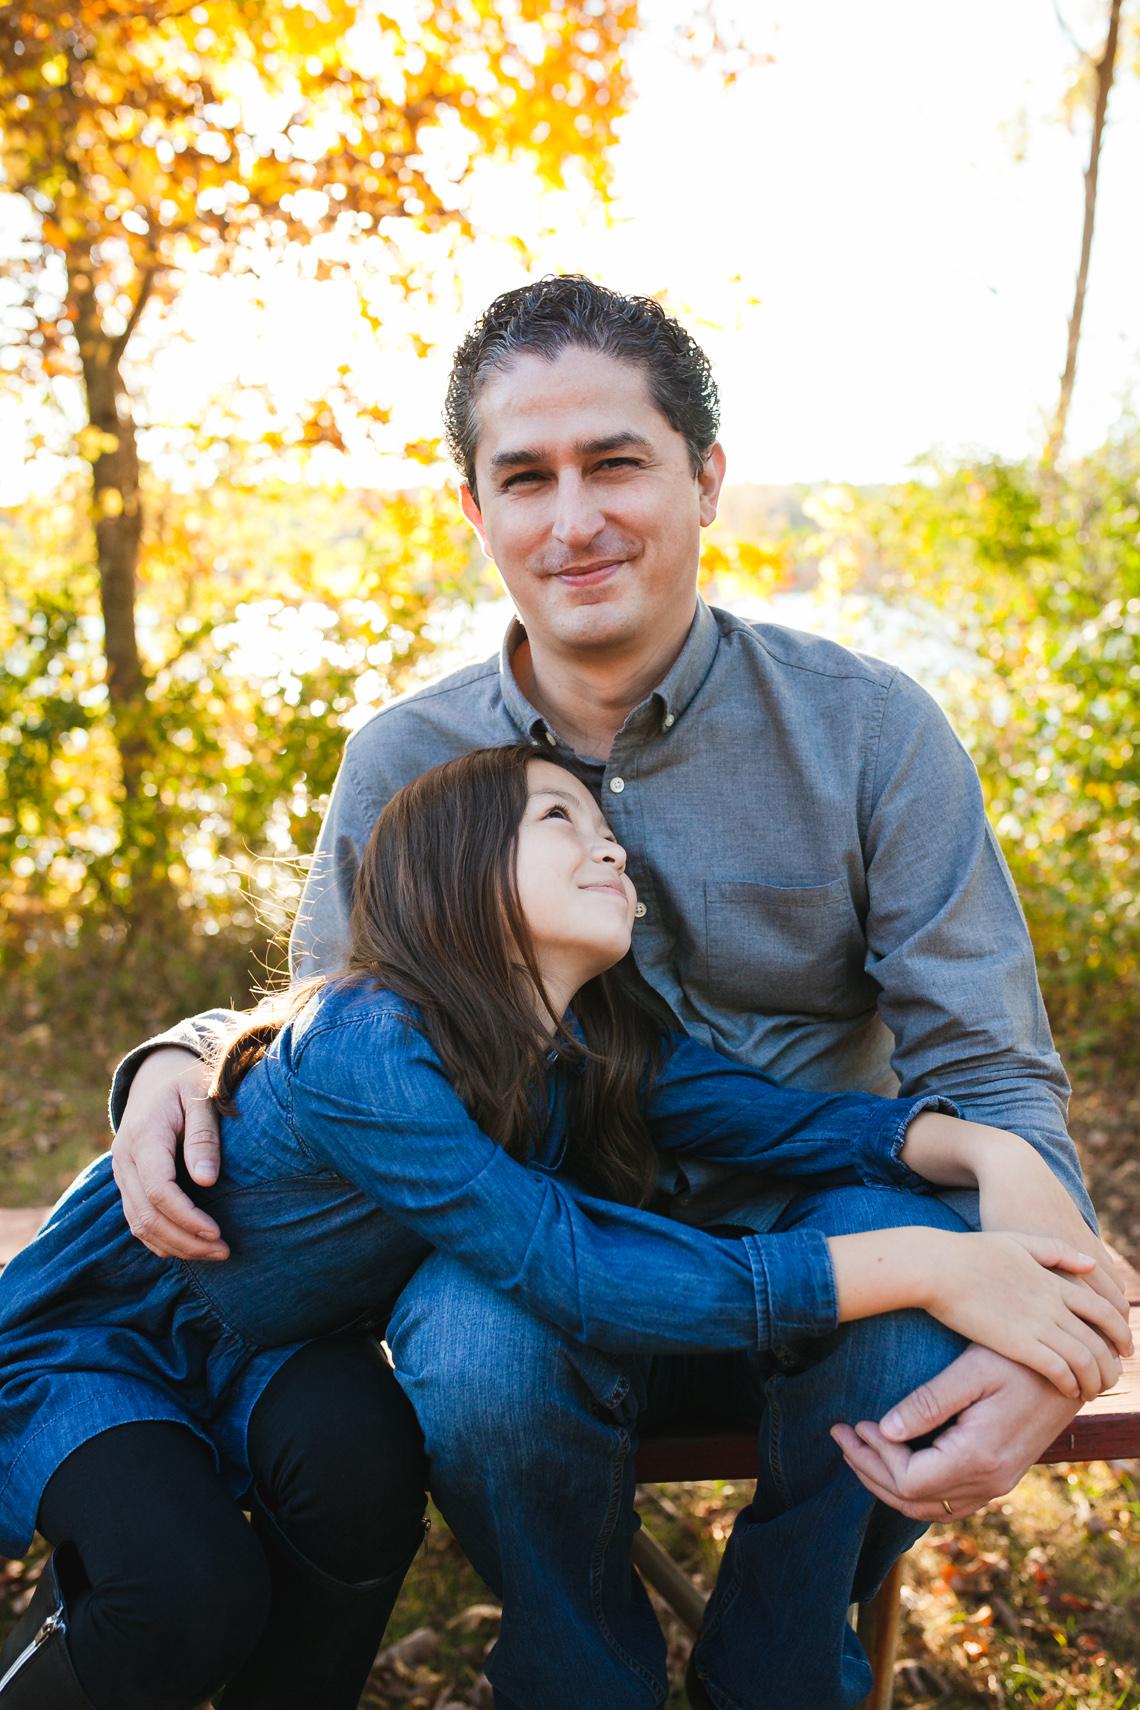 family photographer rochester mi3.jpg